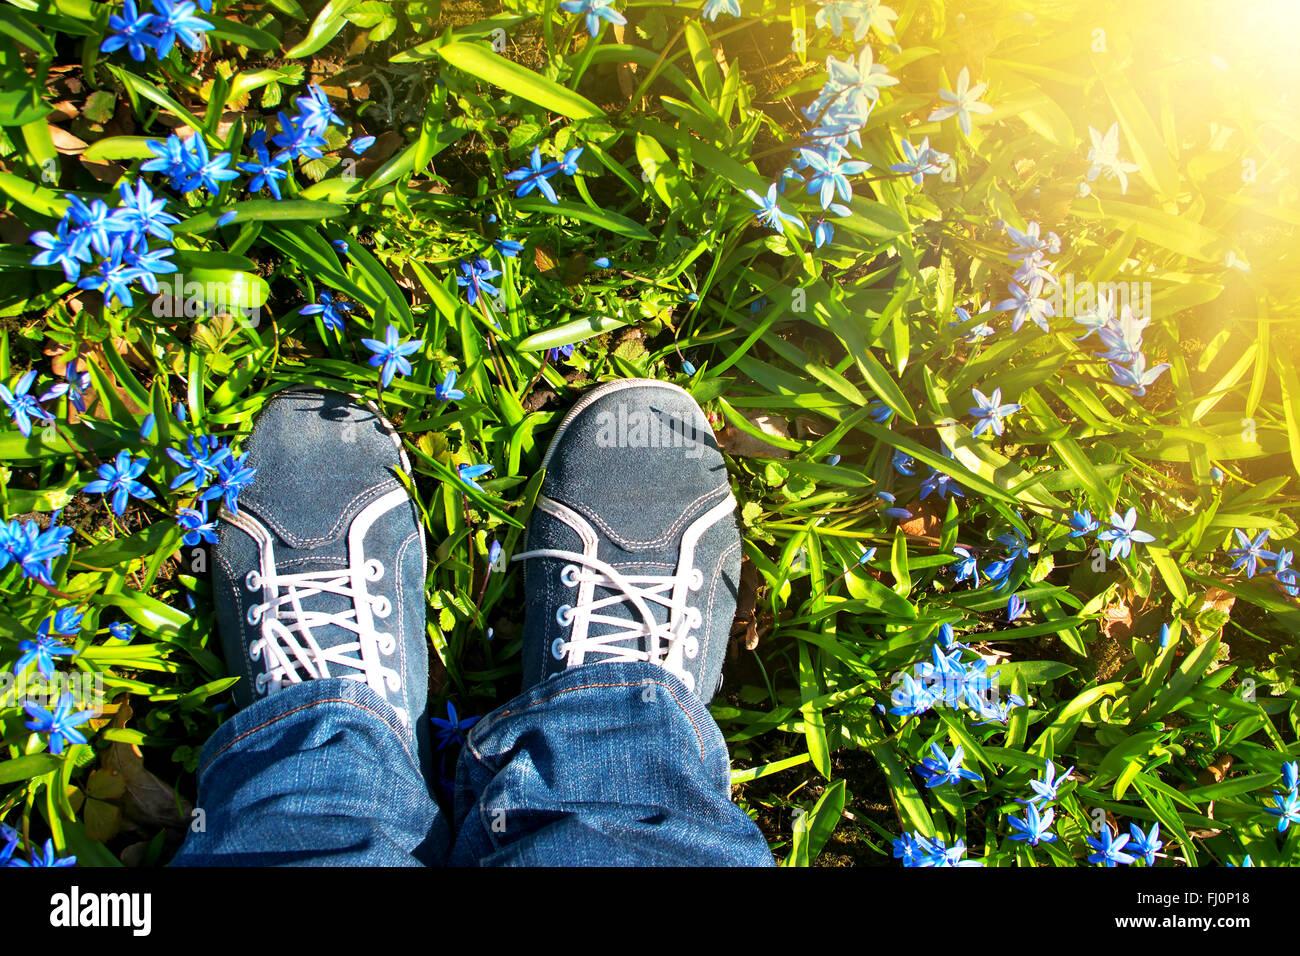 Piedi piedi su Scilla fiori nel parco Immagini Stock